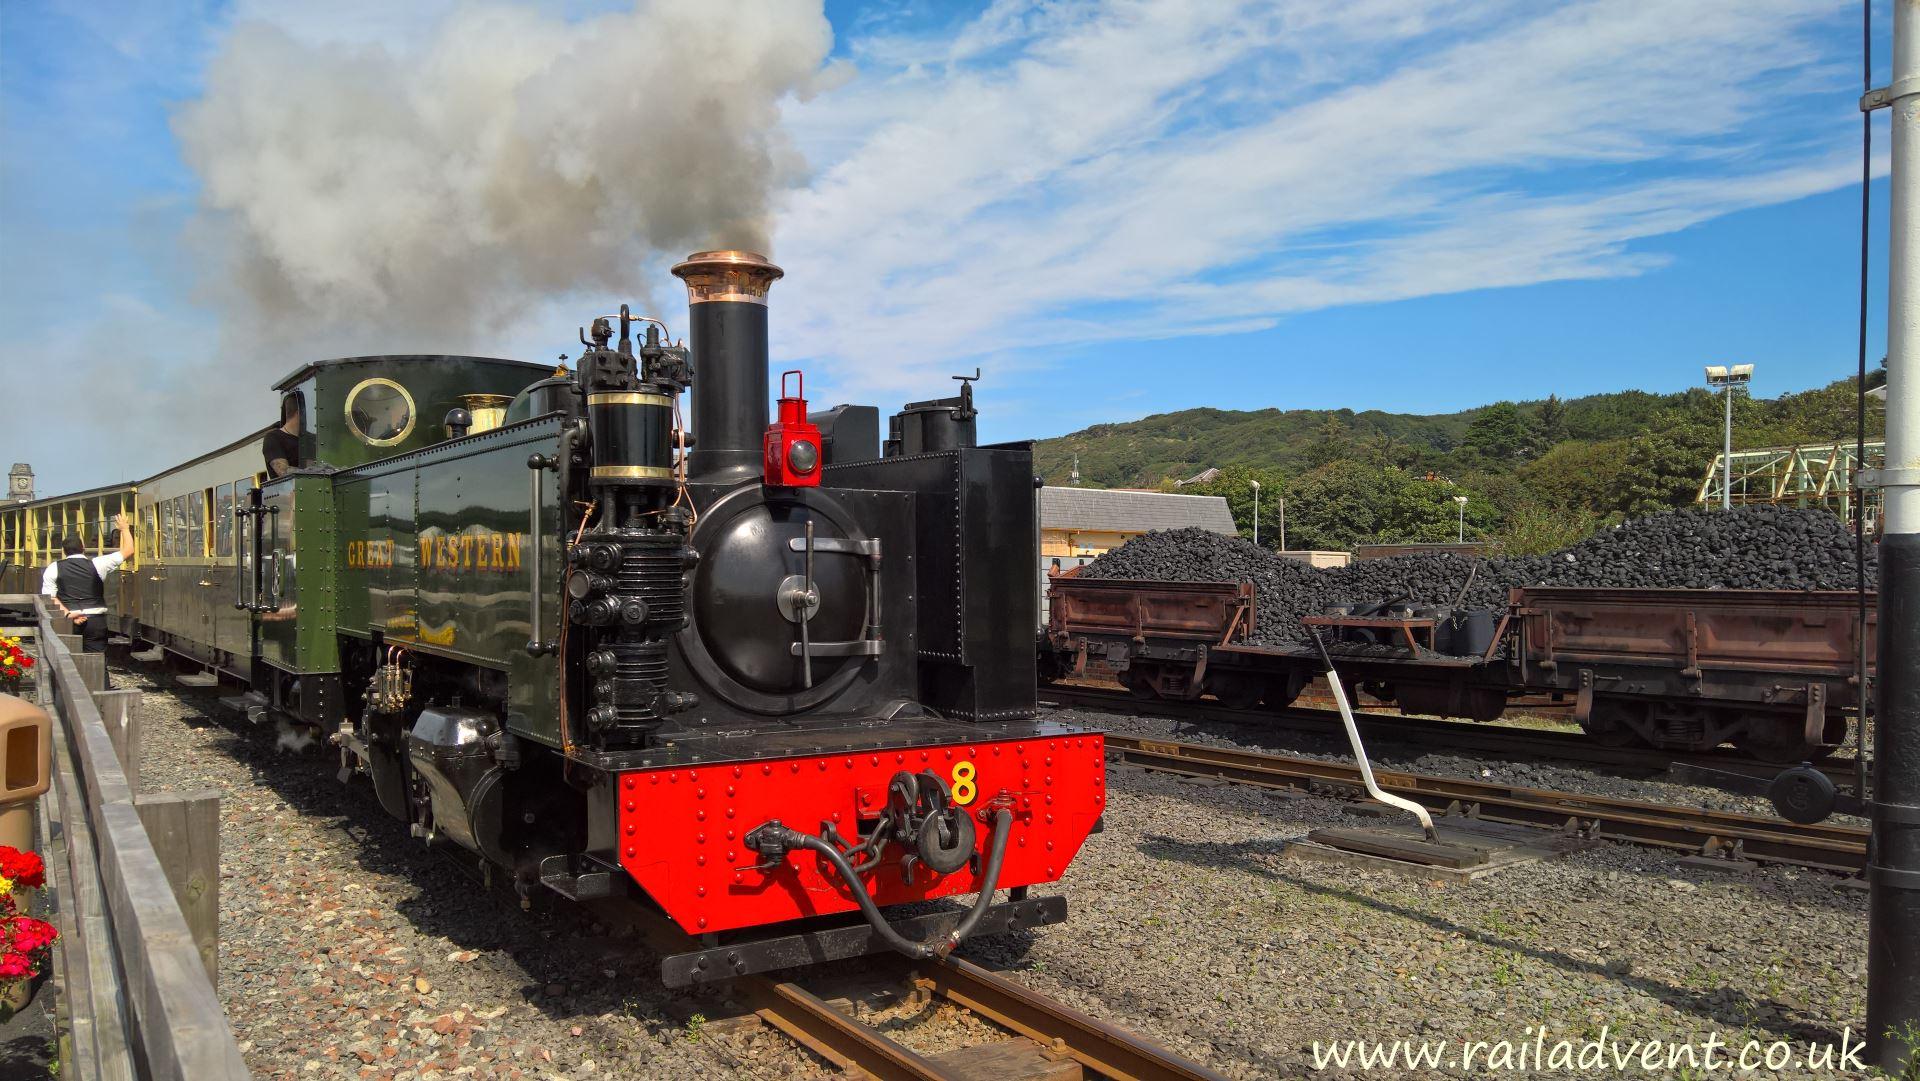 No. 8 Llywelyn departs Aberystwyth for Devils Bridge on the Vale of Rheidol Railway